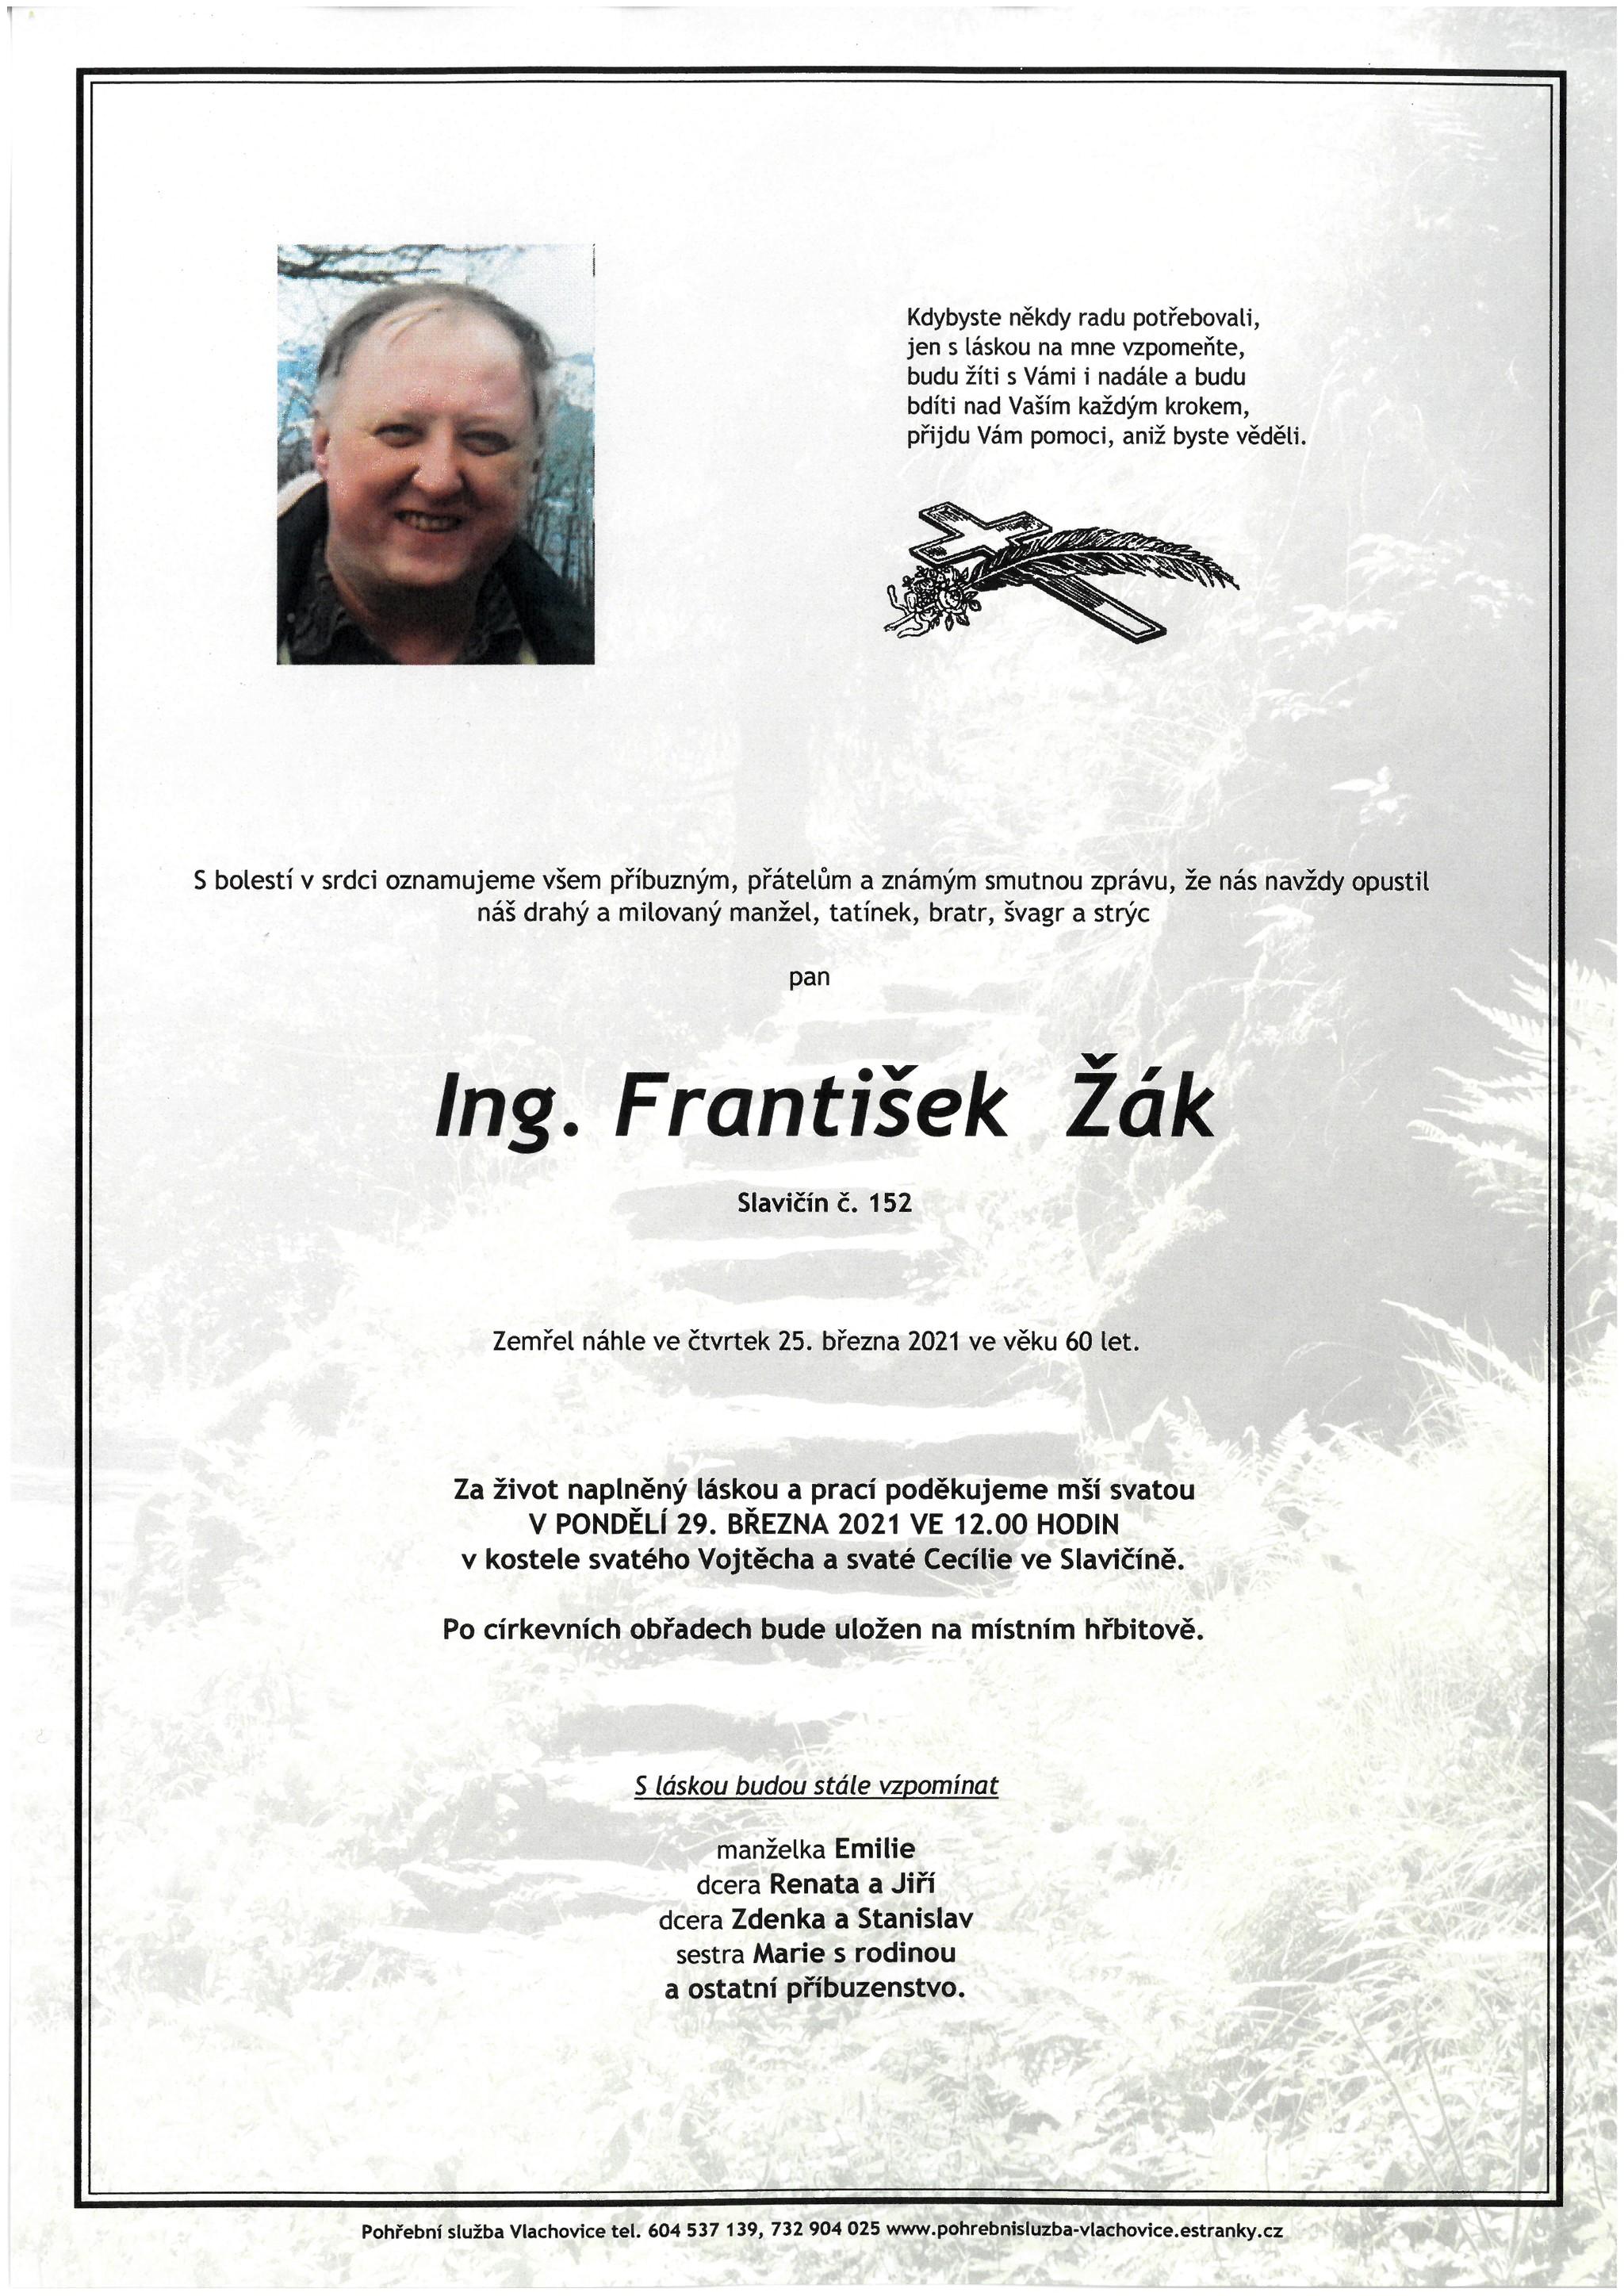 Ing. František Žák